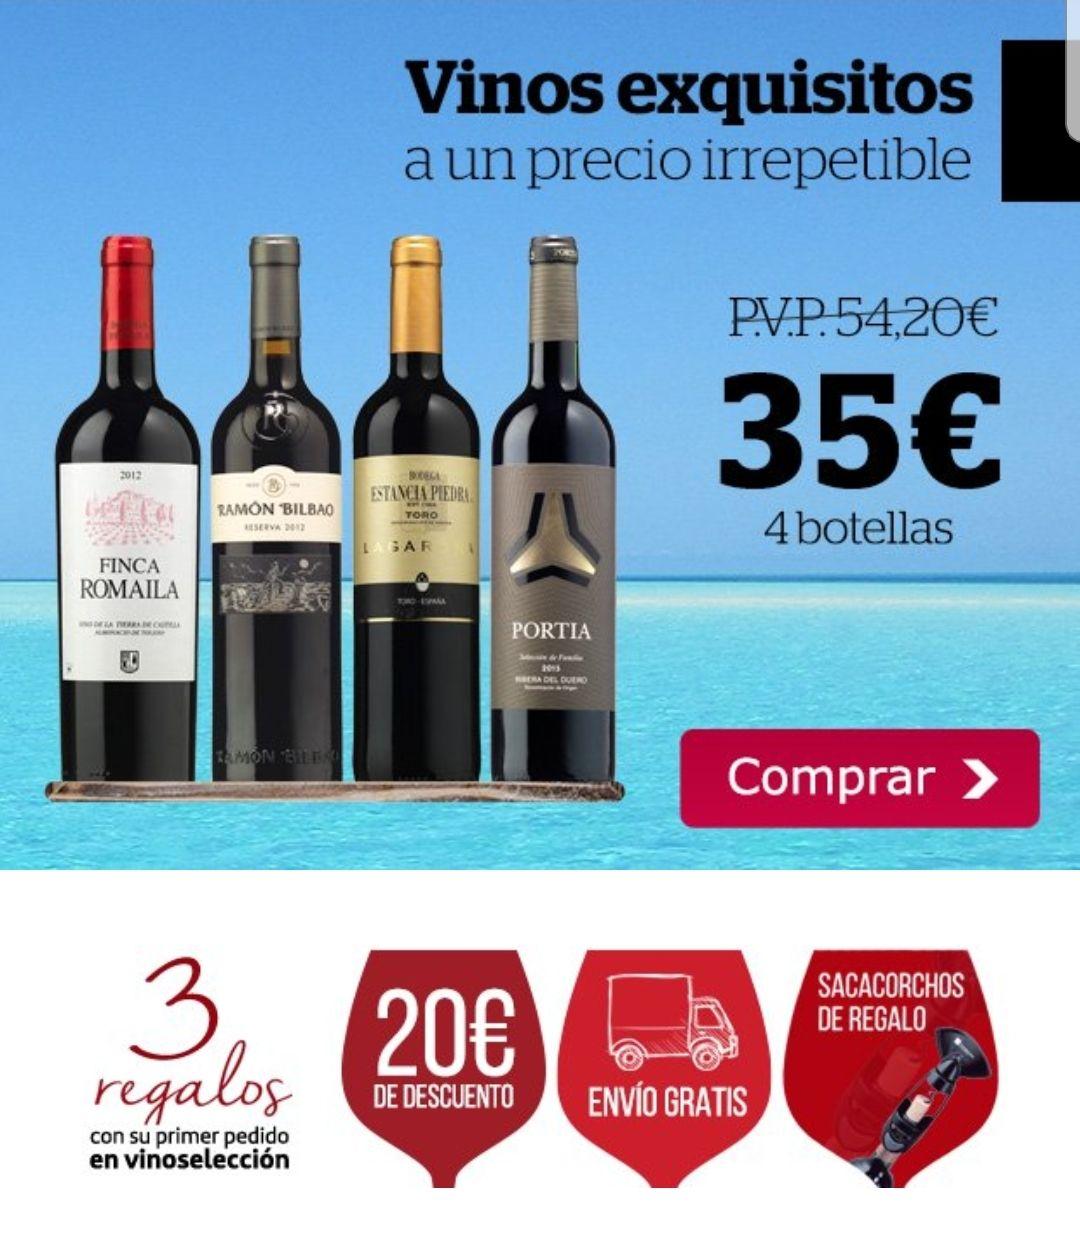 Pack de 4 vinos por 35€ + regalo sacacorchos